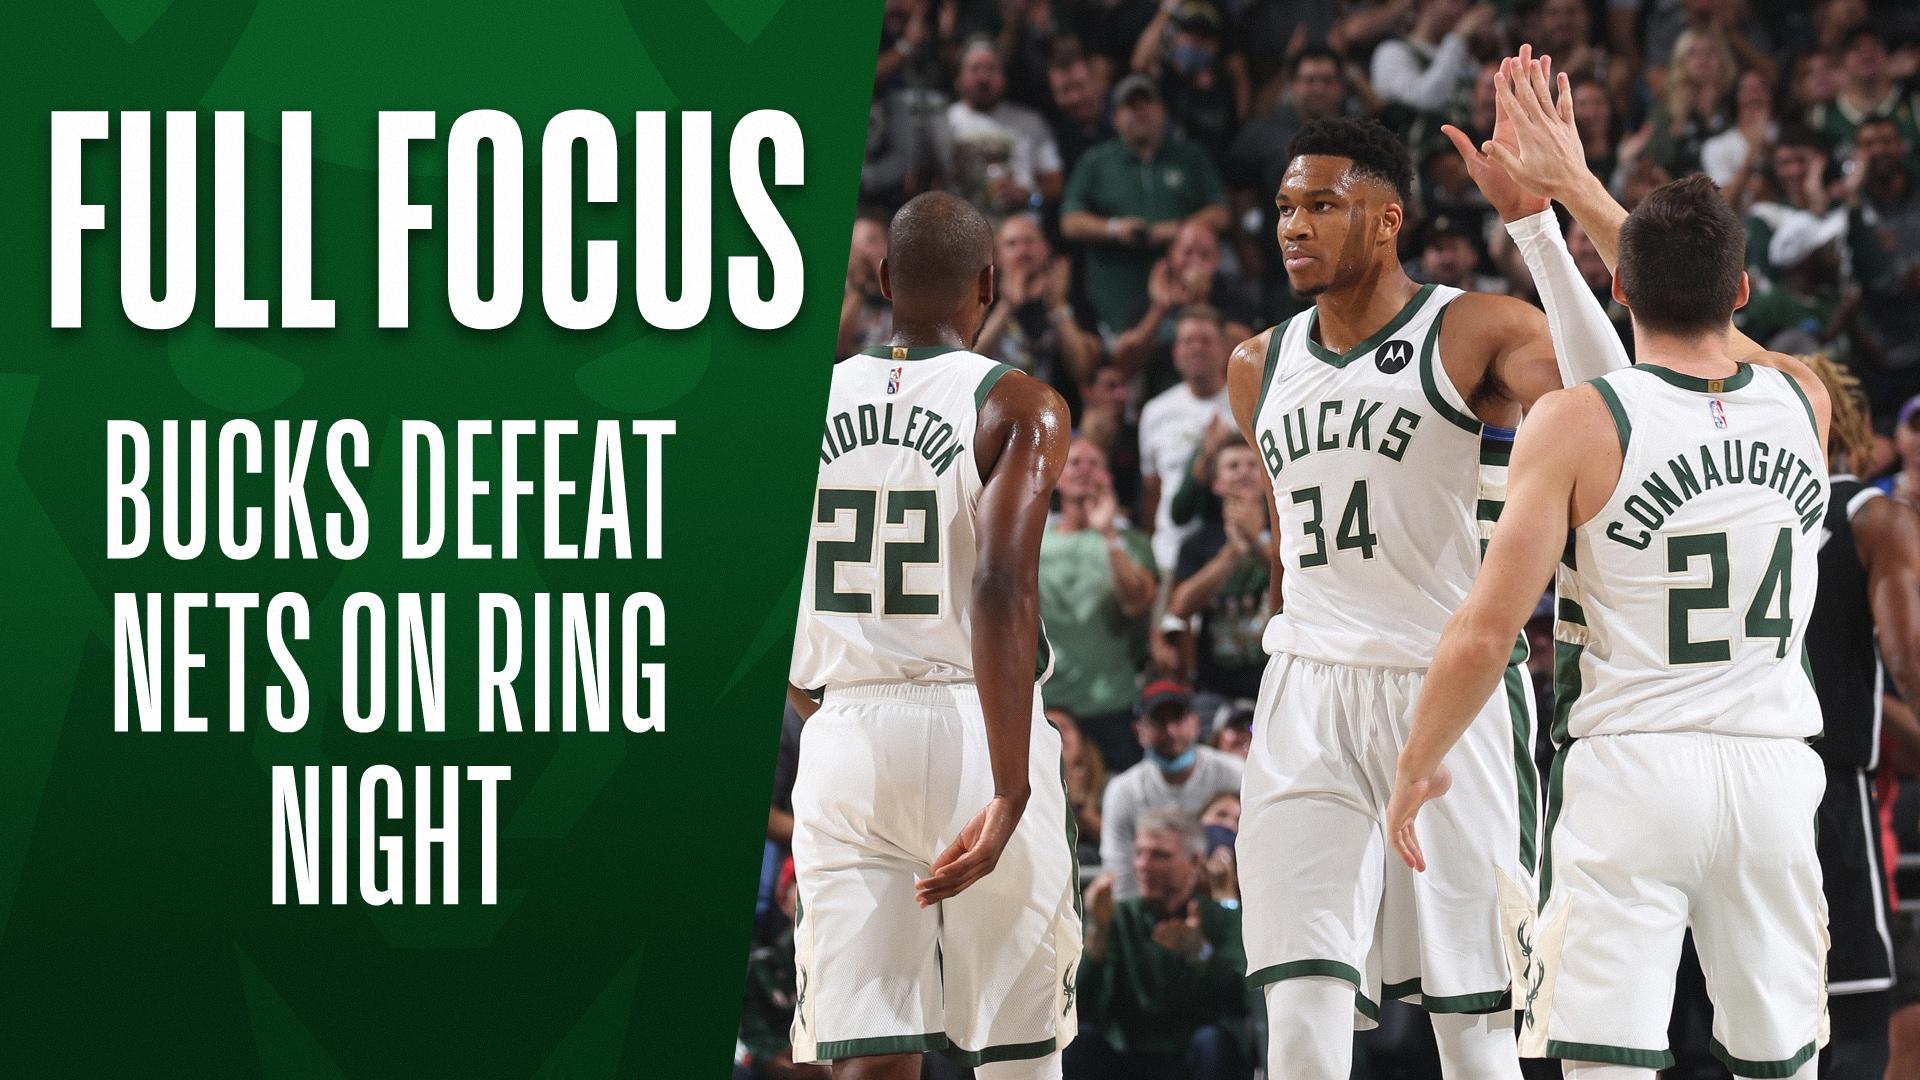 Full Focus: Bucks defeat Nets on ring night